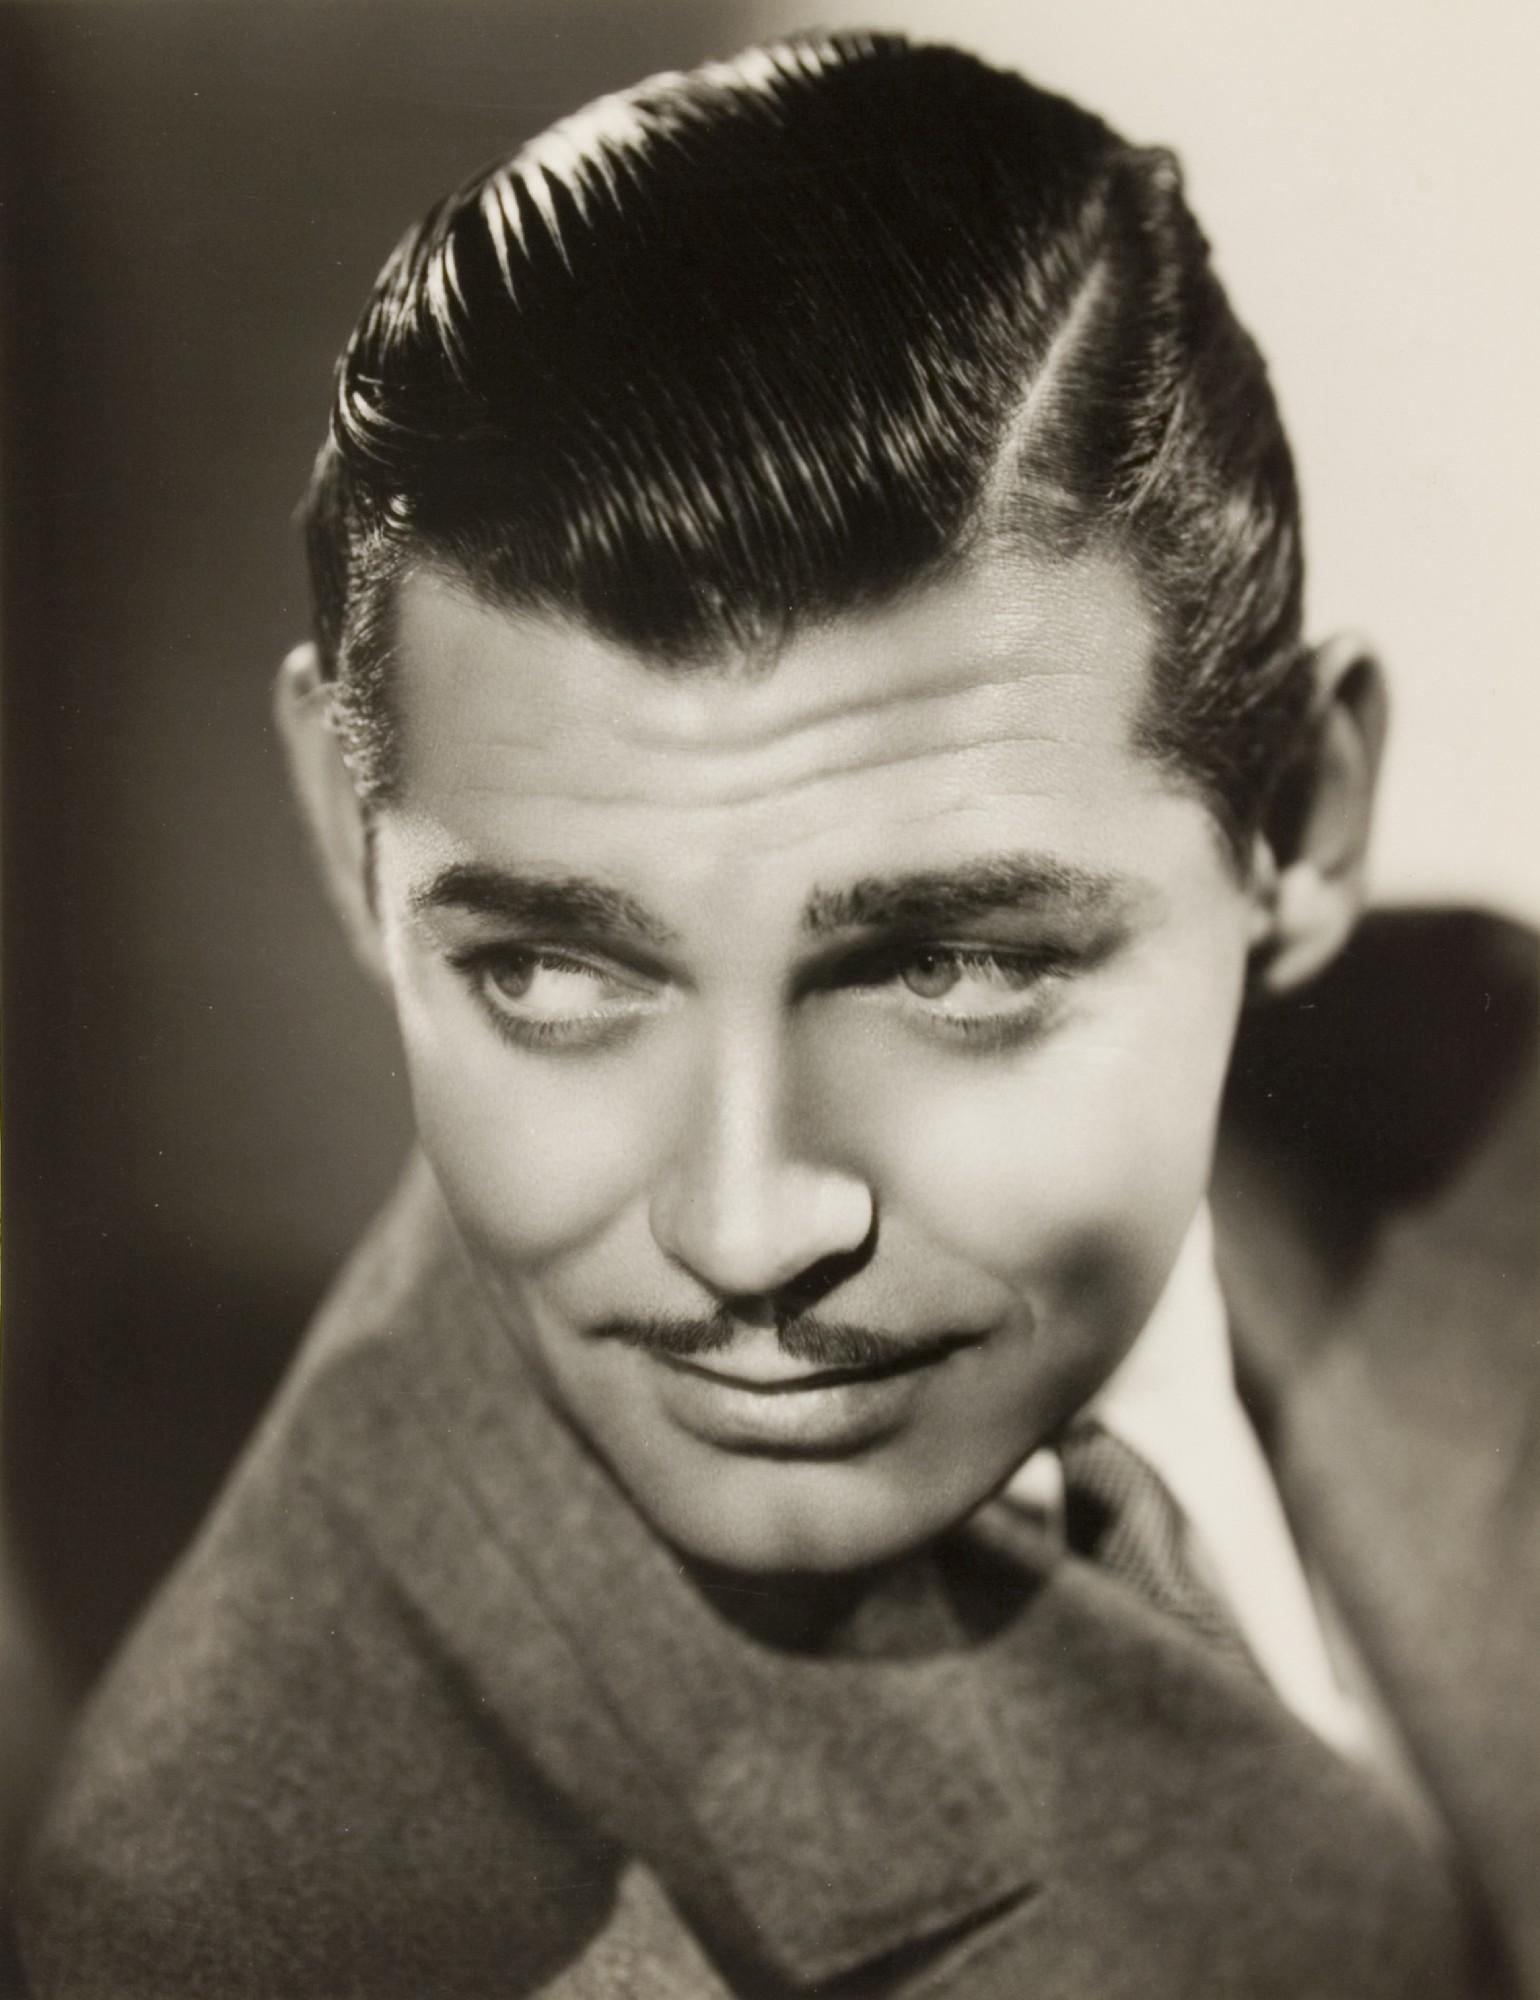 Прическа 30-х годов фото мужчины